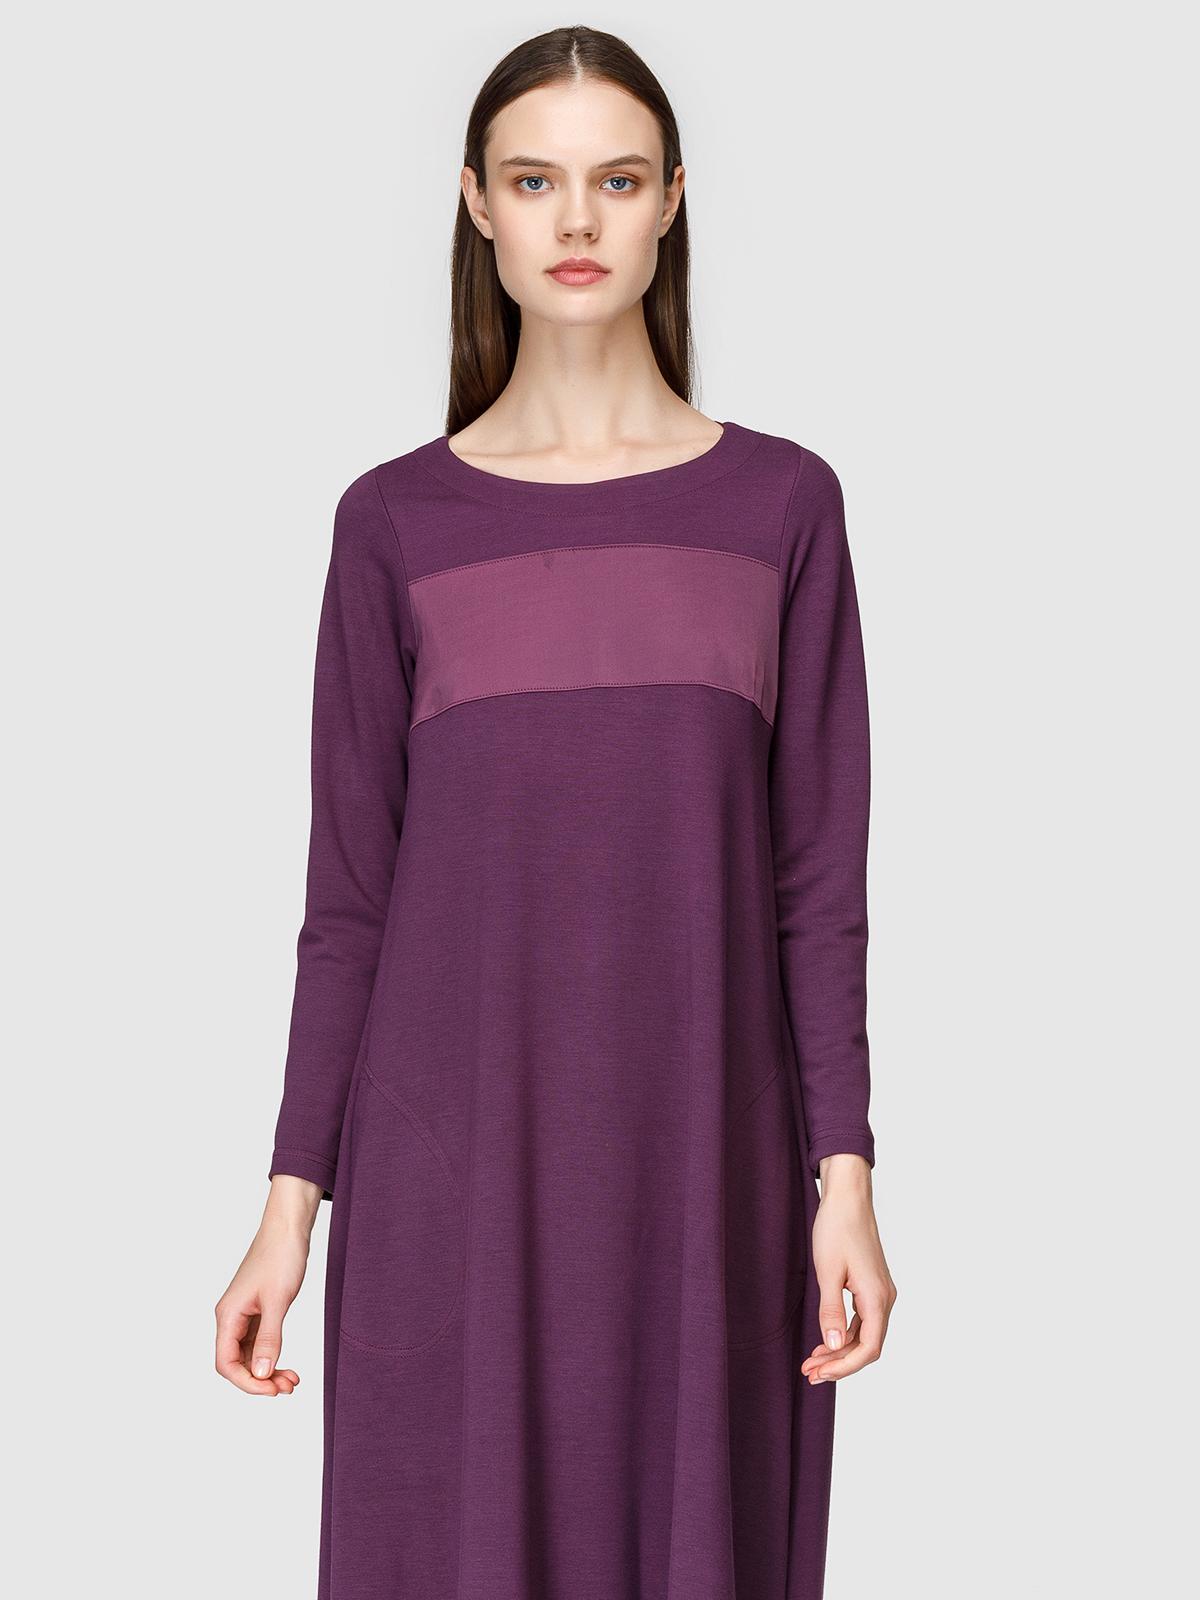 Платье женское Helmidge 8028 фиолетовое 12 UK фото